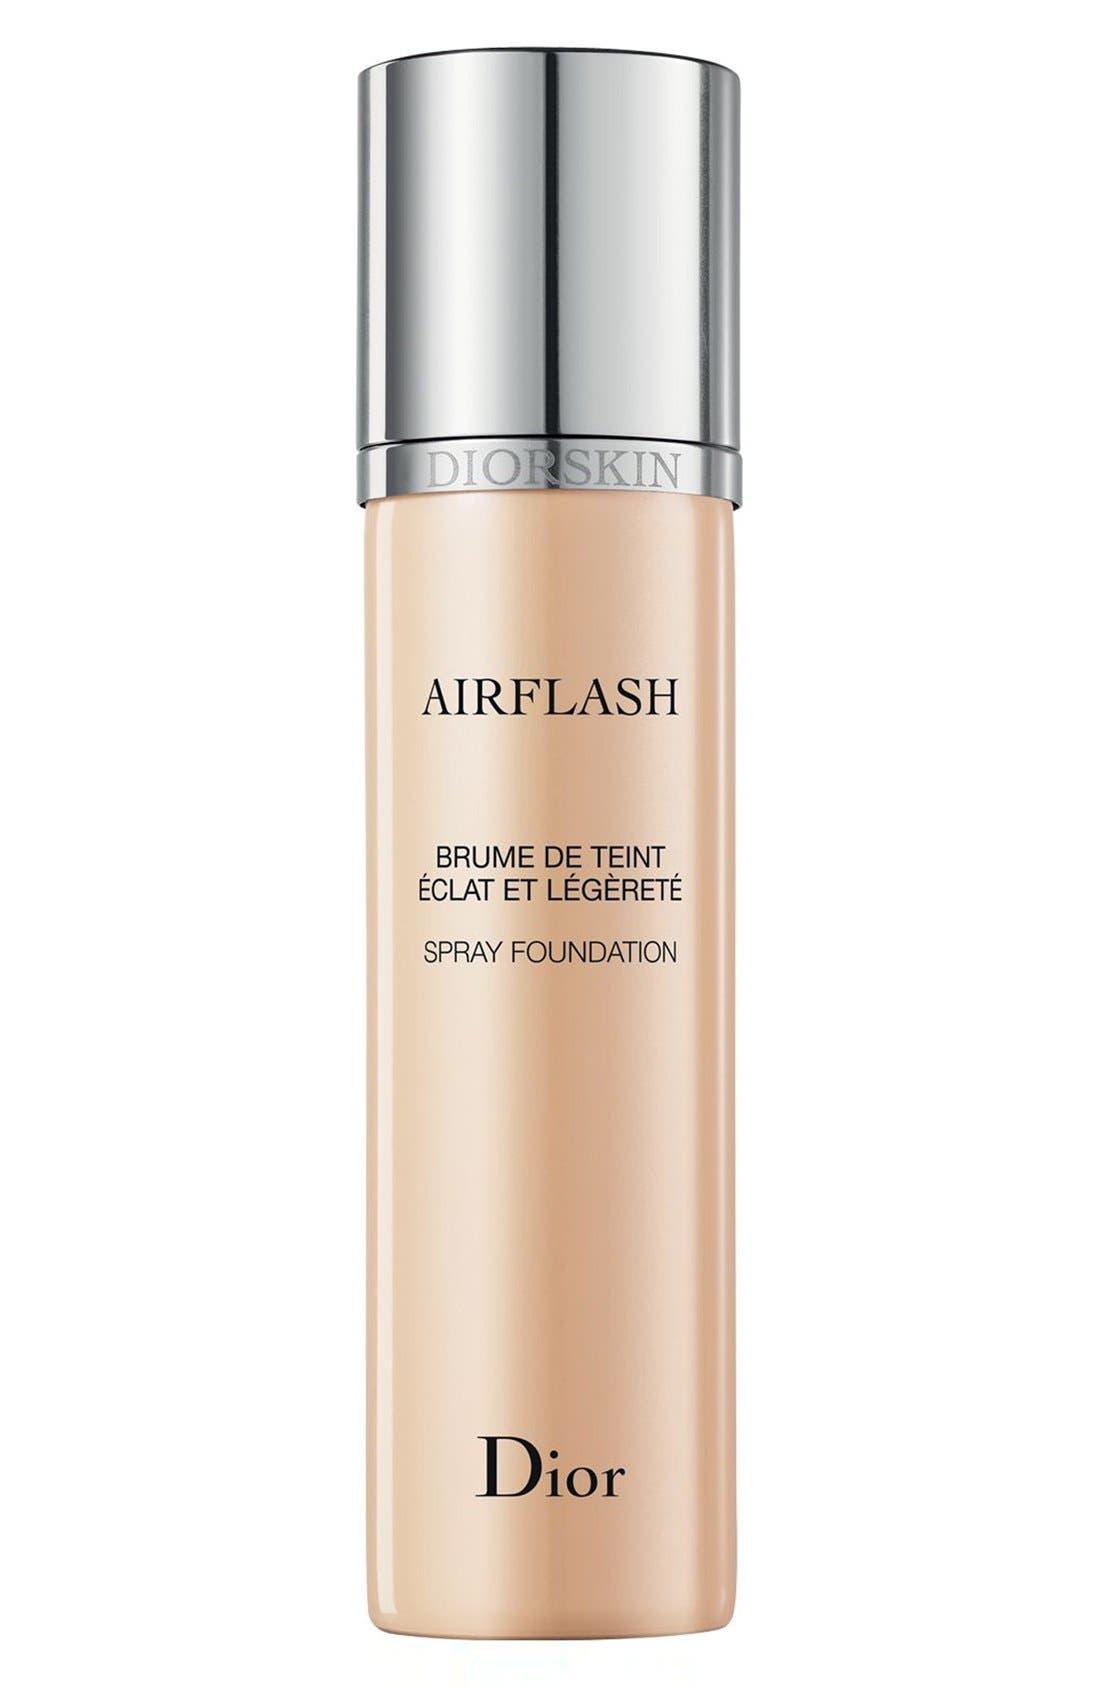 Christian Dior Beauty: Makeup, Skincare u0026 Fragrance  Nordstrom  Nordstrom